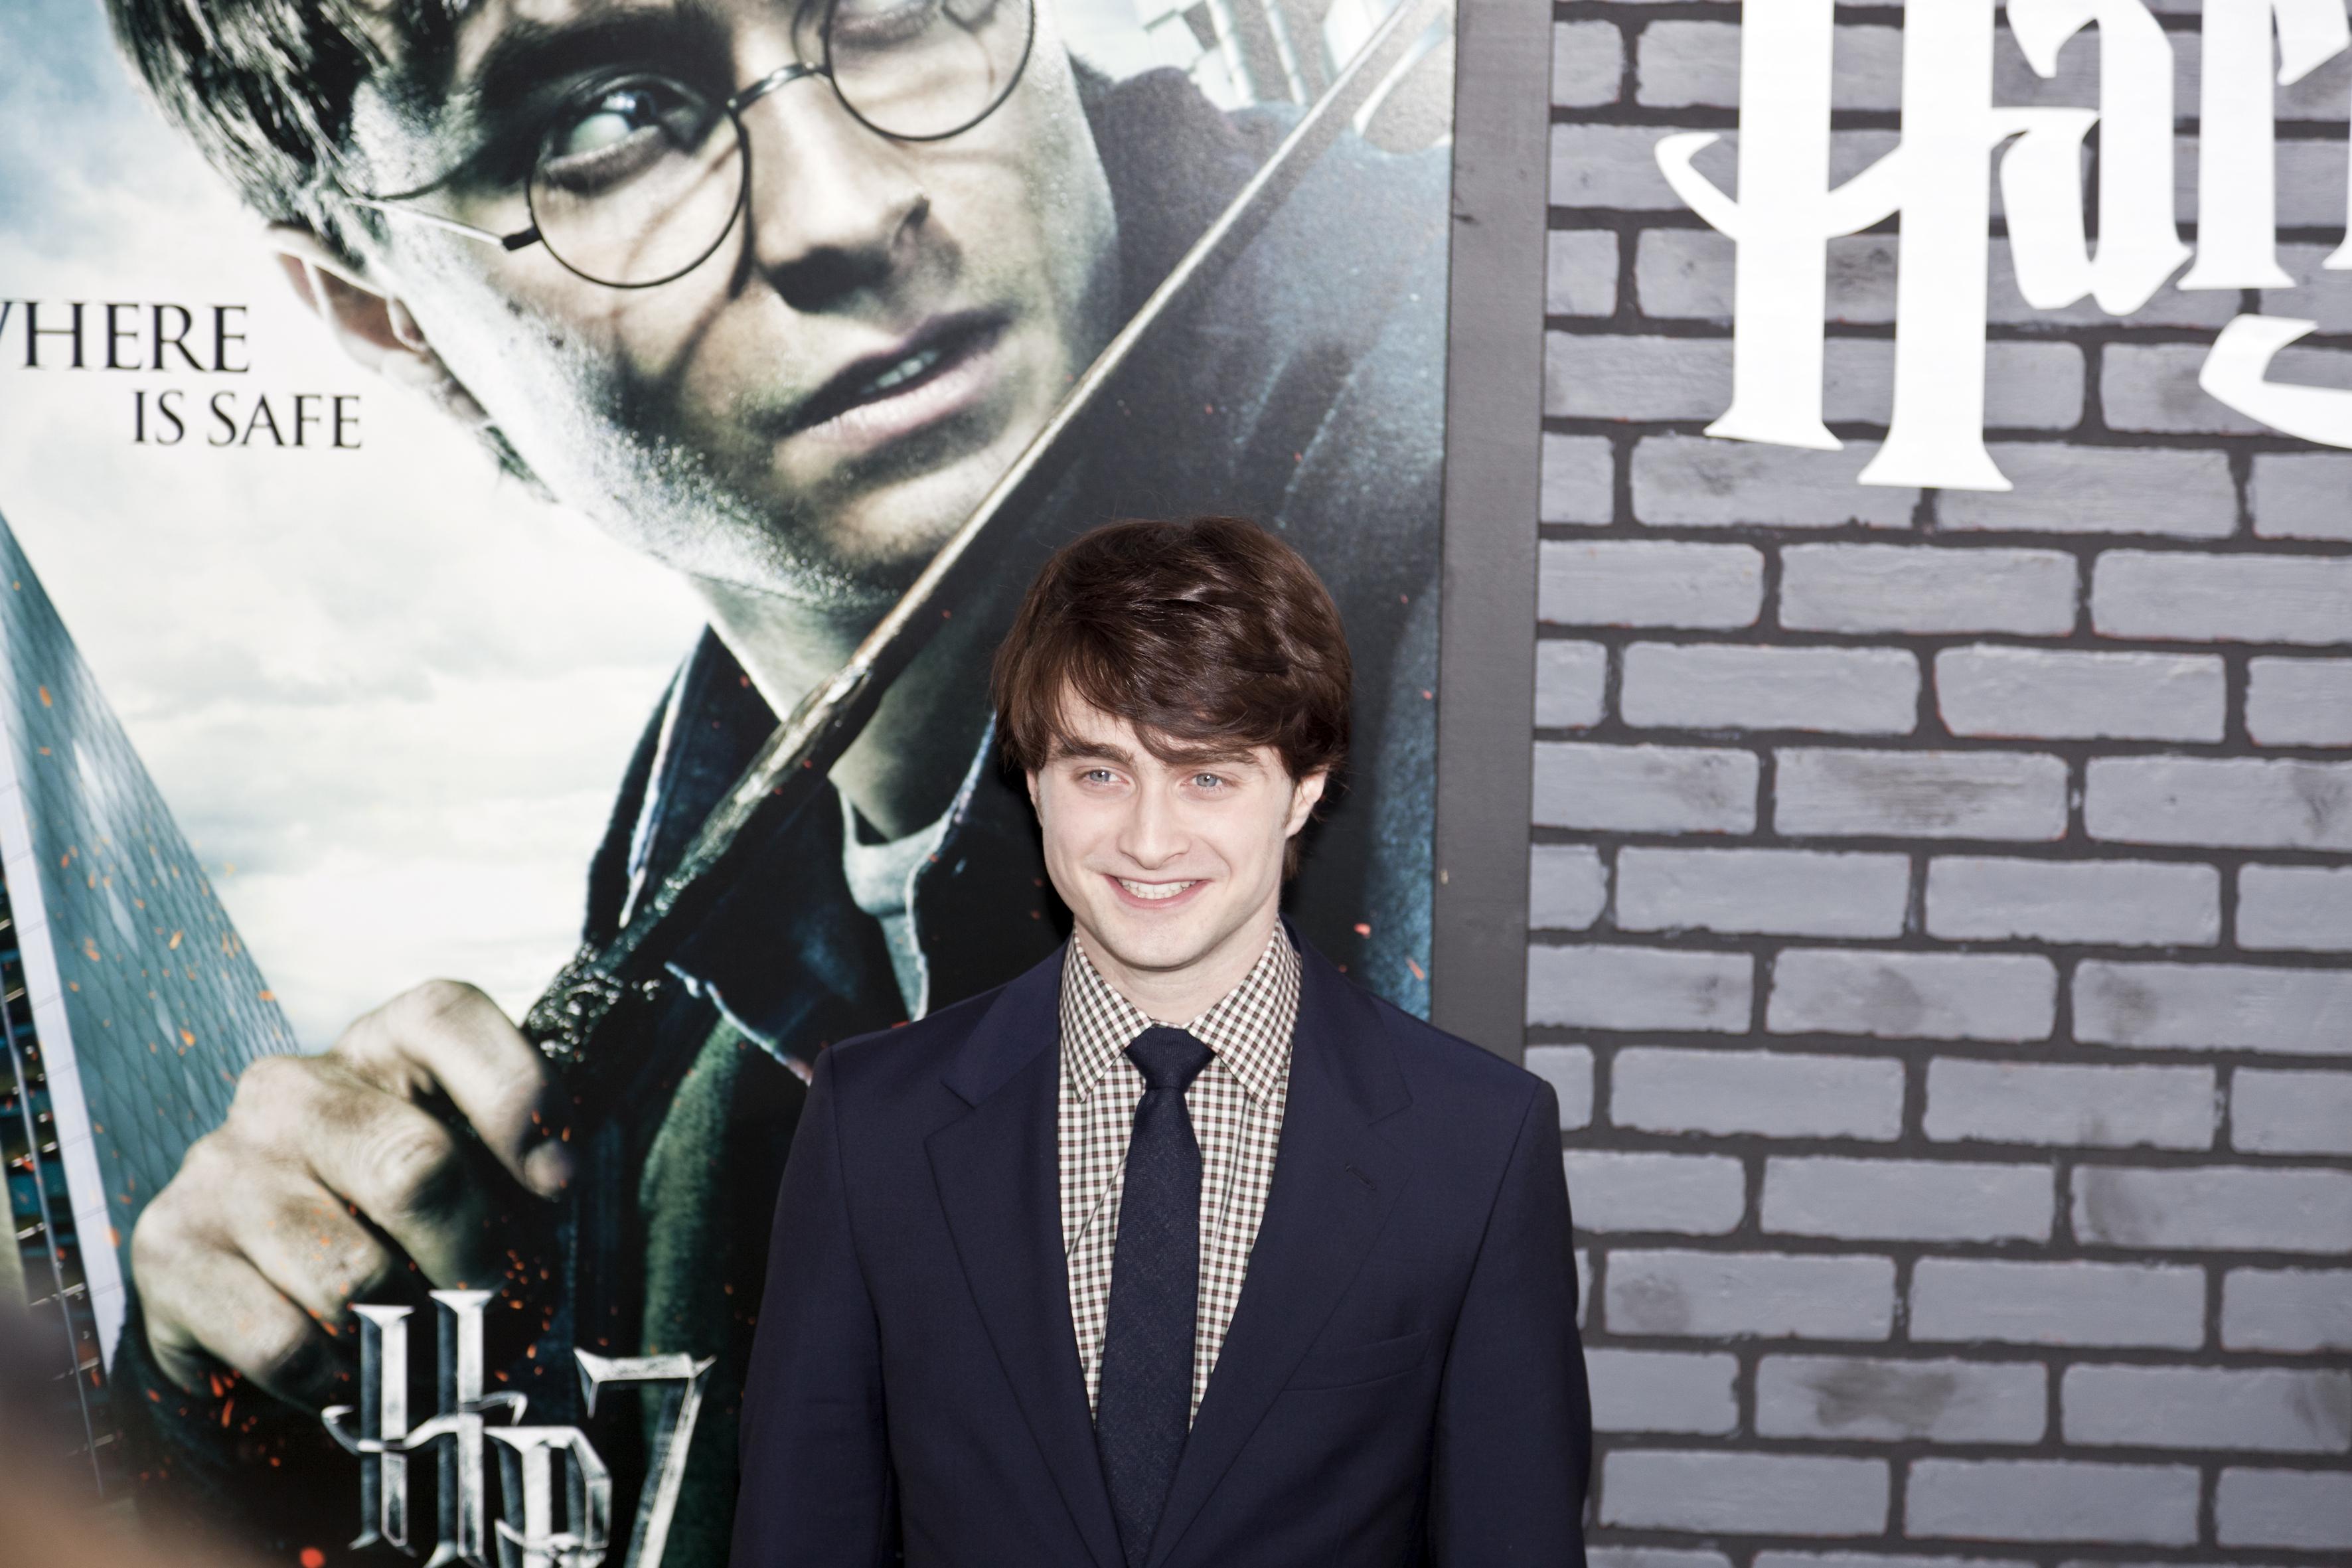 MAGIC: Deze bruisbal werkt als de sorteerhoed uit Harry Potter!